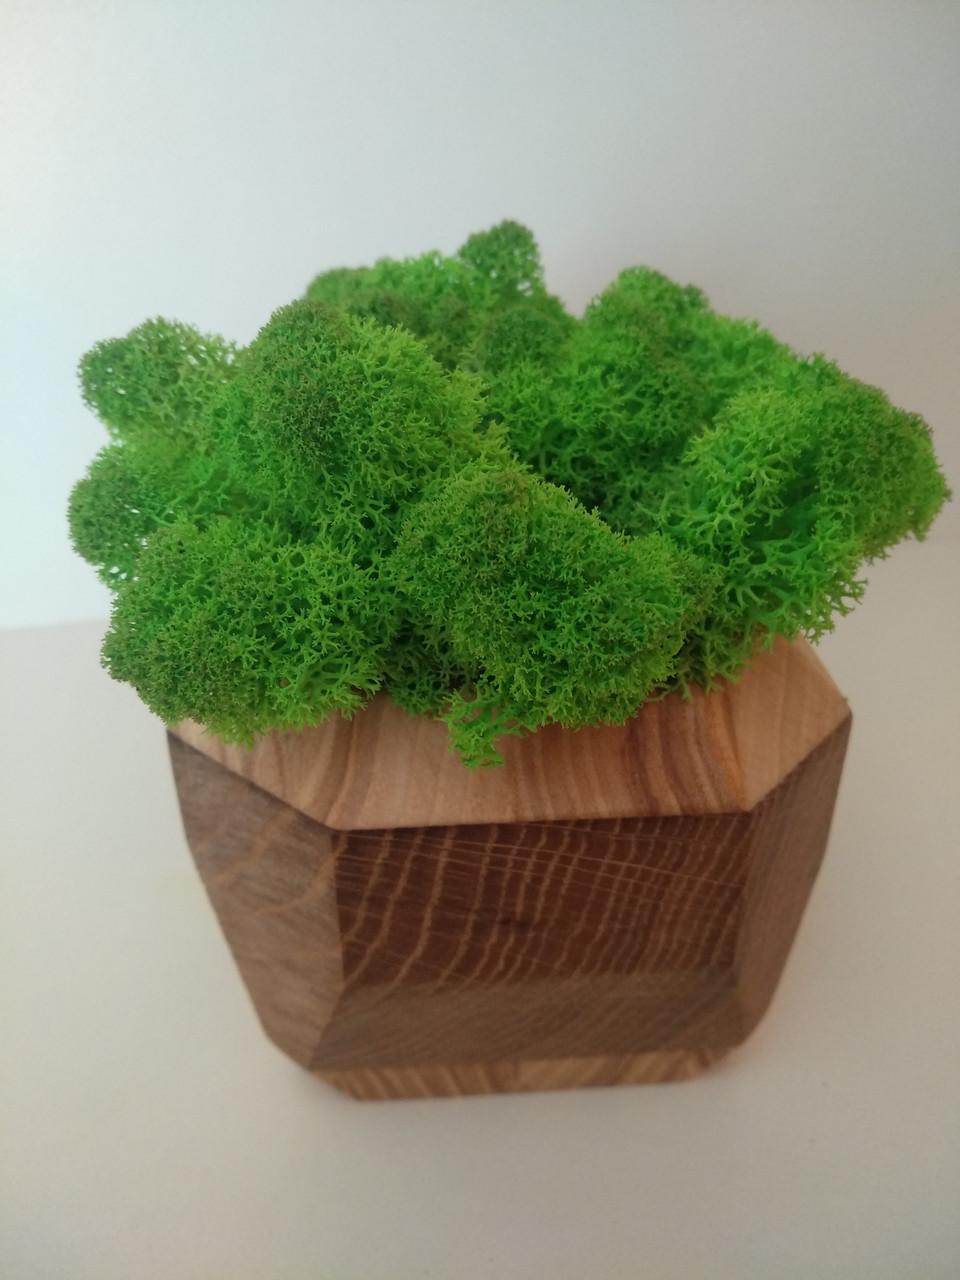 Кашпо зі стабілізованим мохом (ягель)